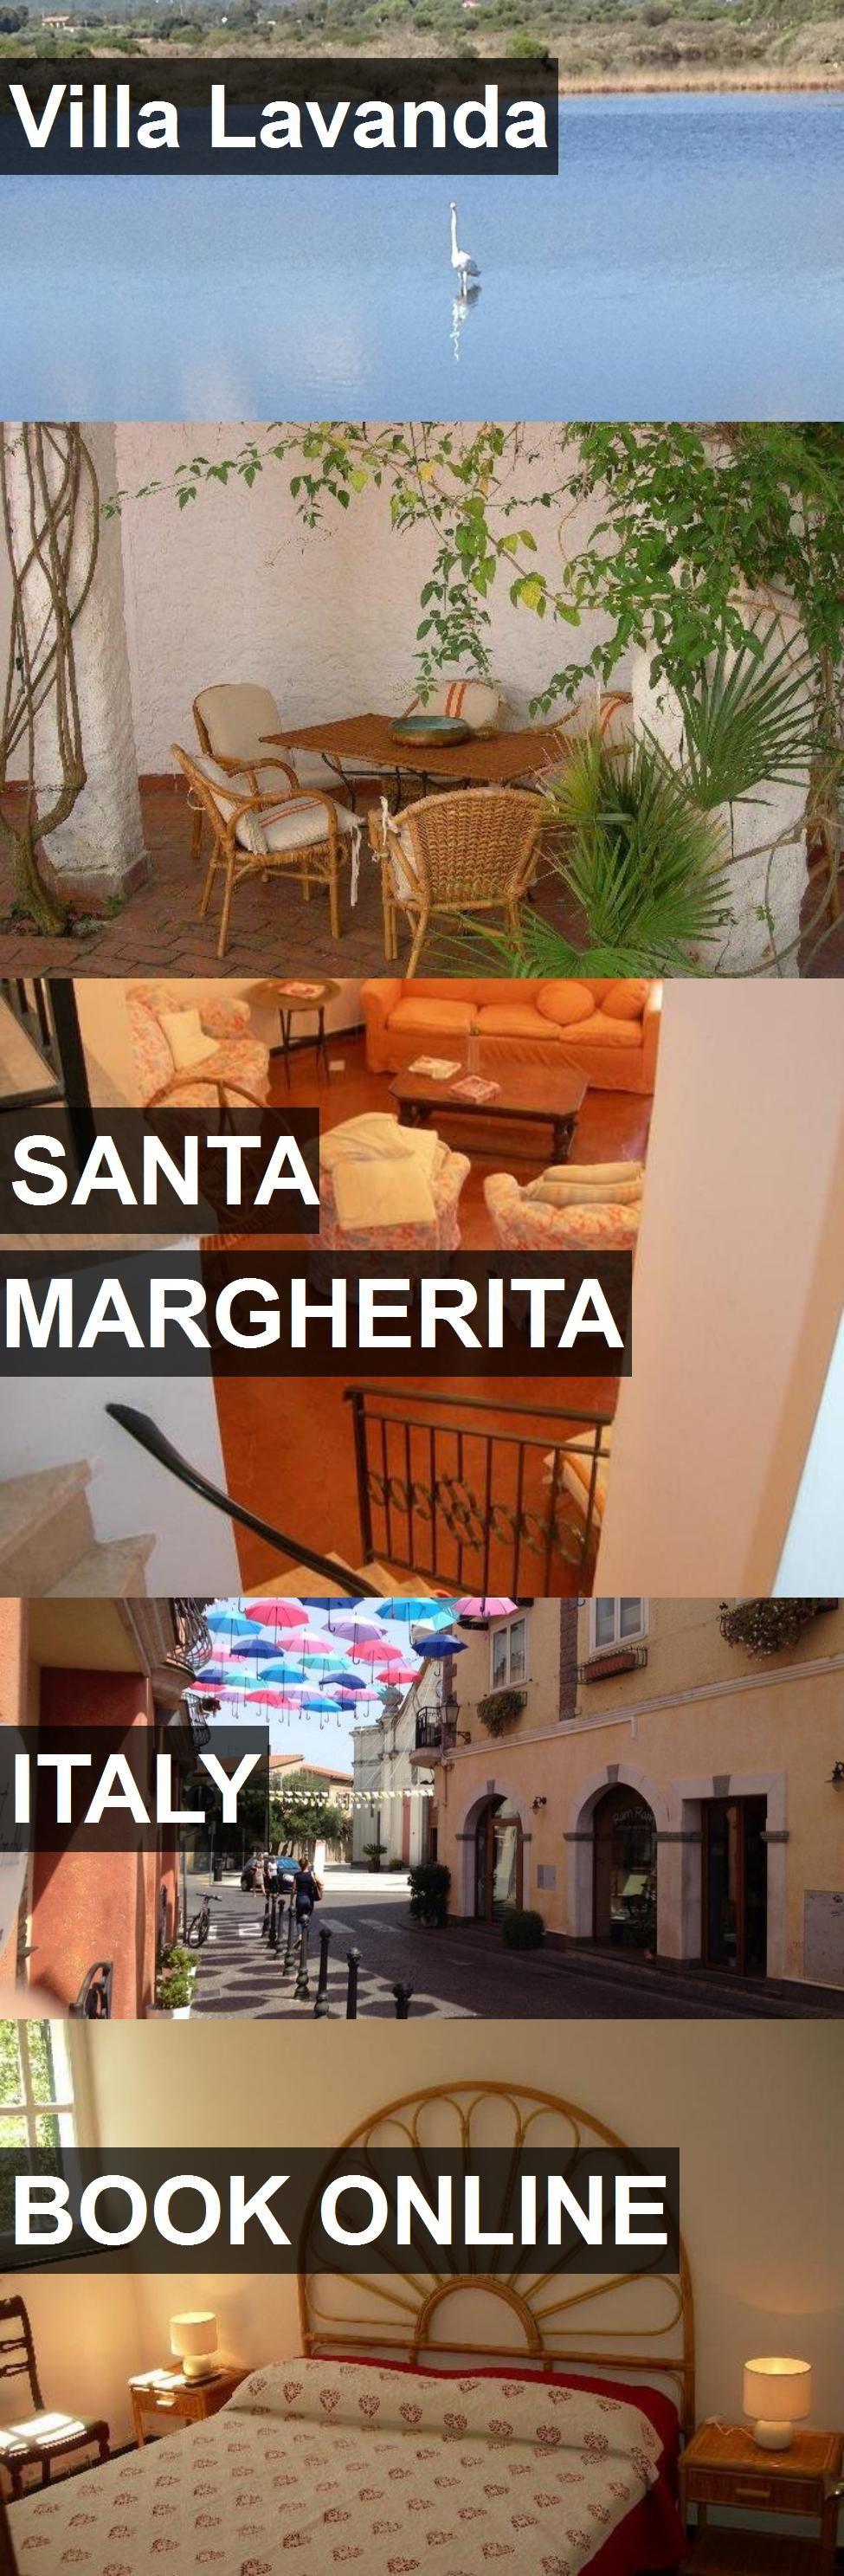 Hotel Villa Lavanda in Santa Margherita, Italy. For more